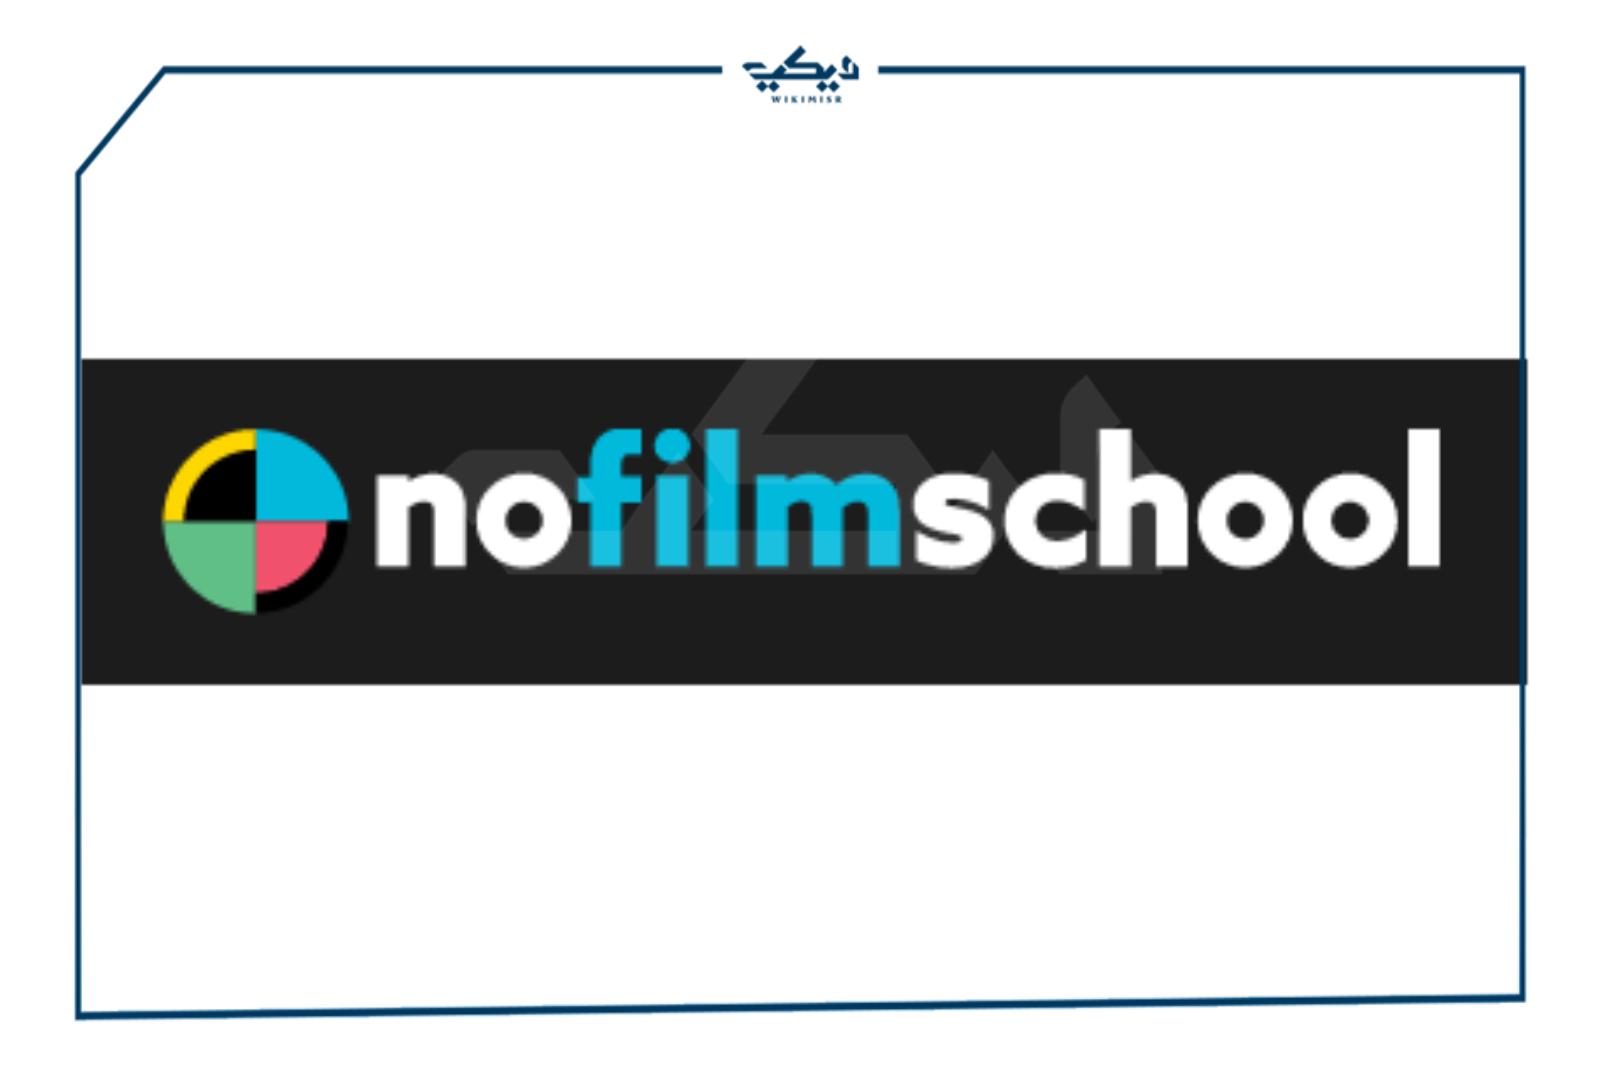 No Film School